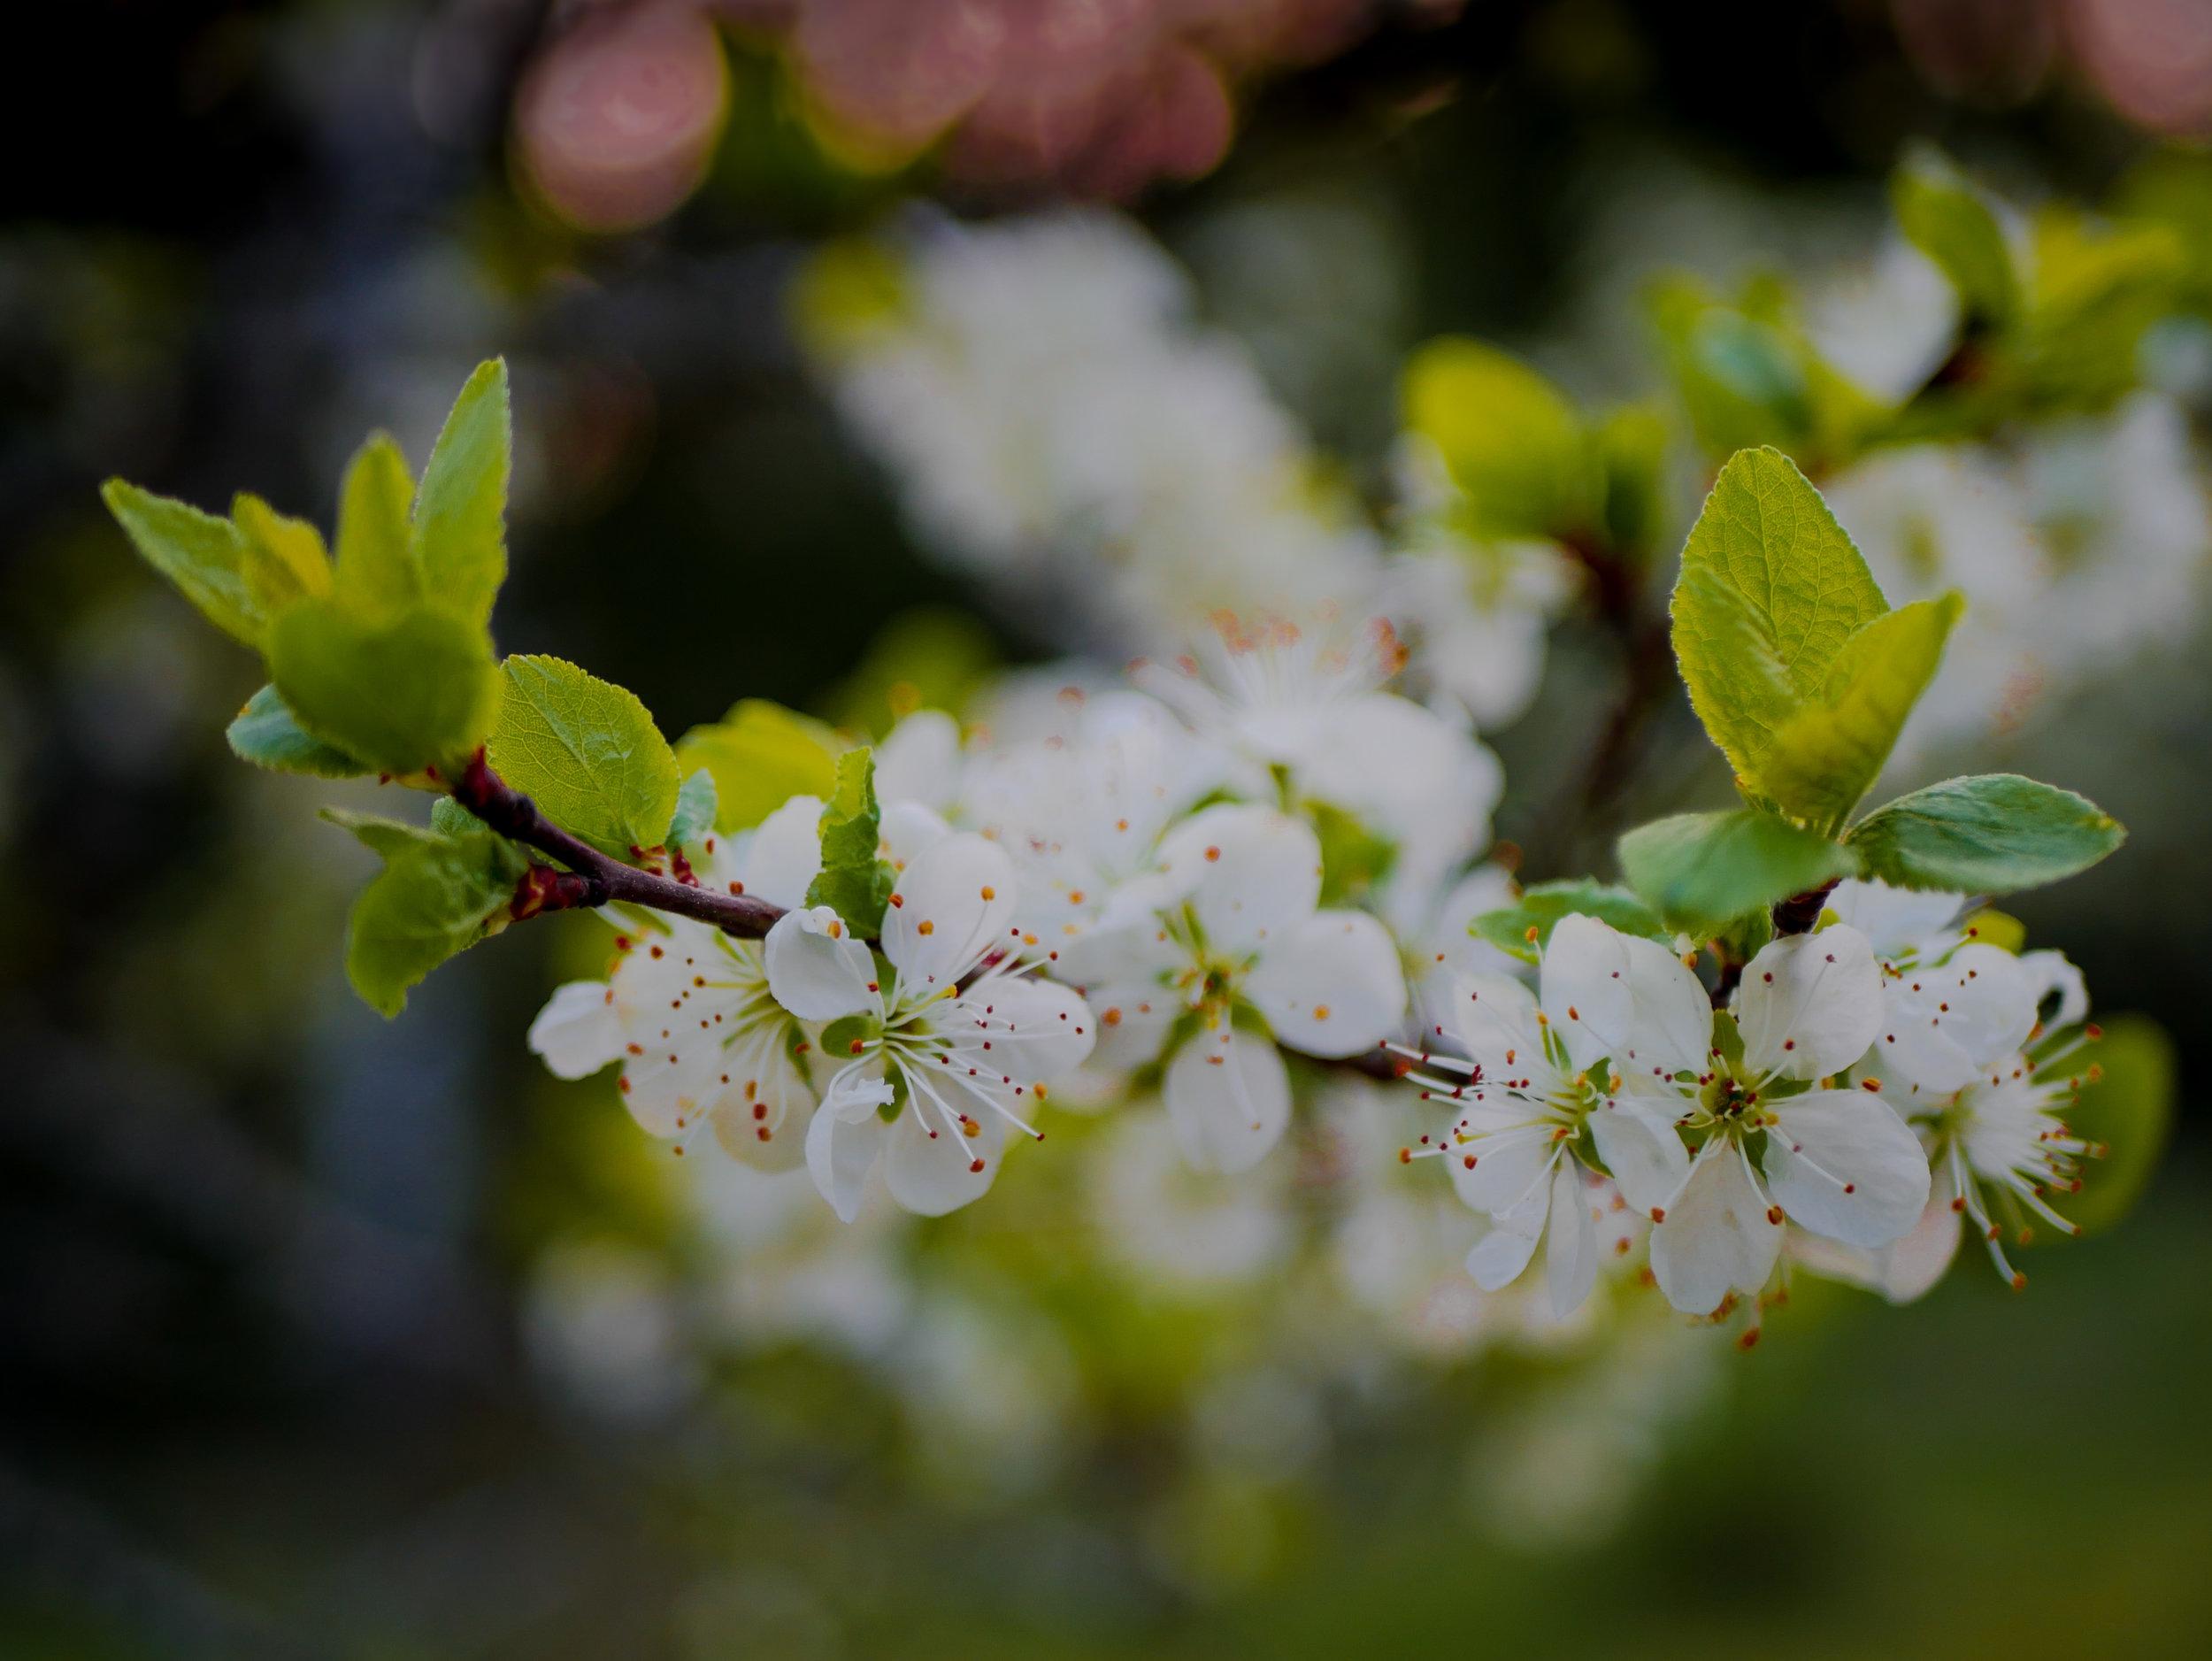 Plommonträd i blom har inget med inlägget att göra, men tycker det blev en så härlig bild. <3